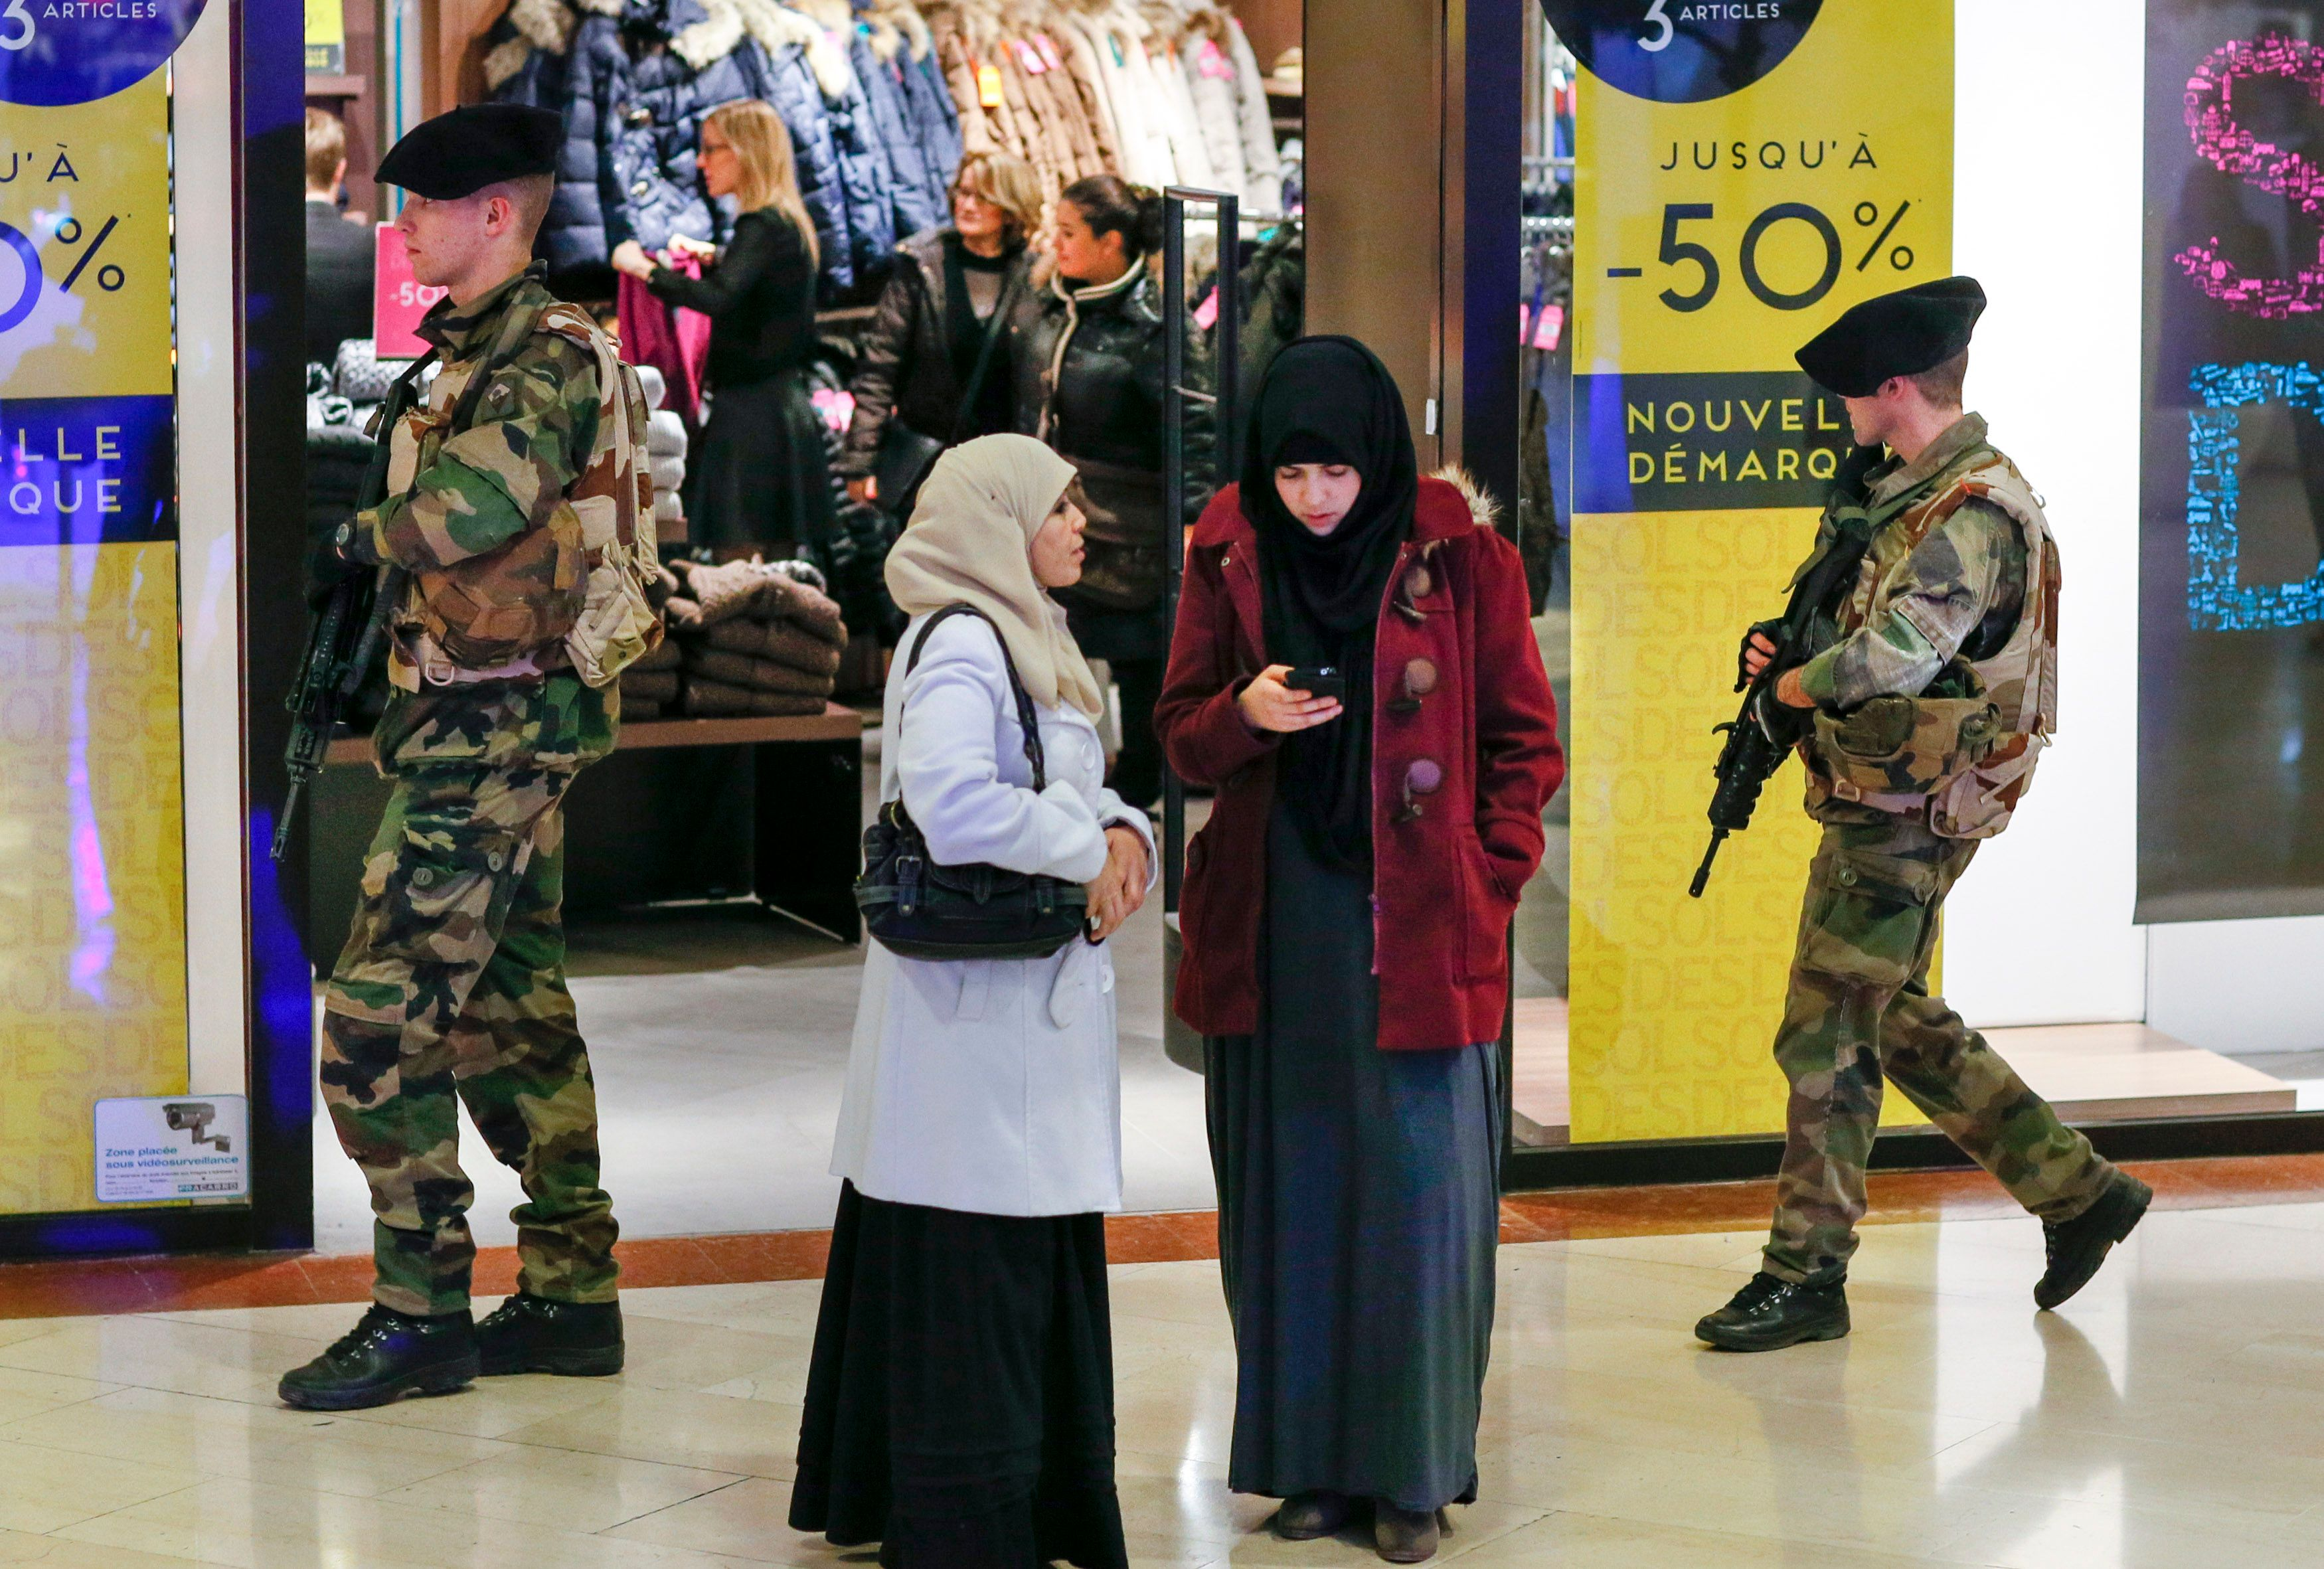 Les membres de l'Etat islamique porte plusieurs types de regards sur les musulmans français et occidentaux qui peuvent paraitre contradictoire.